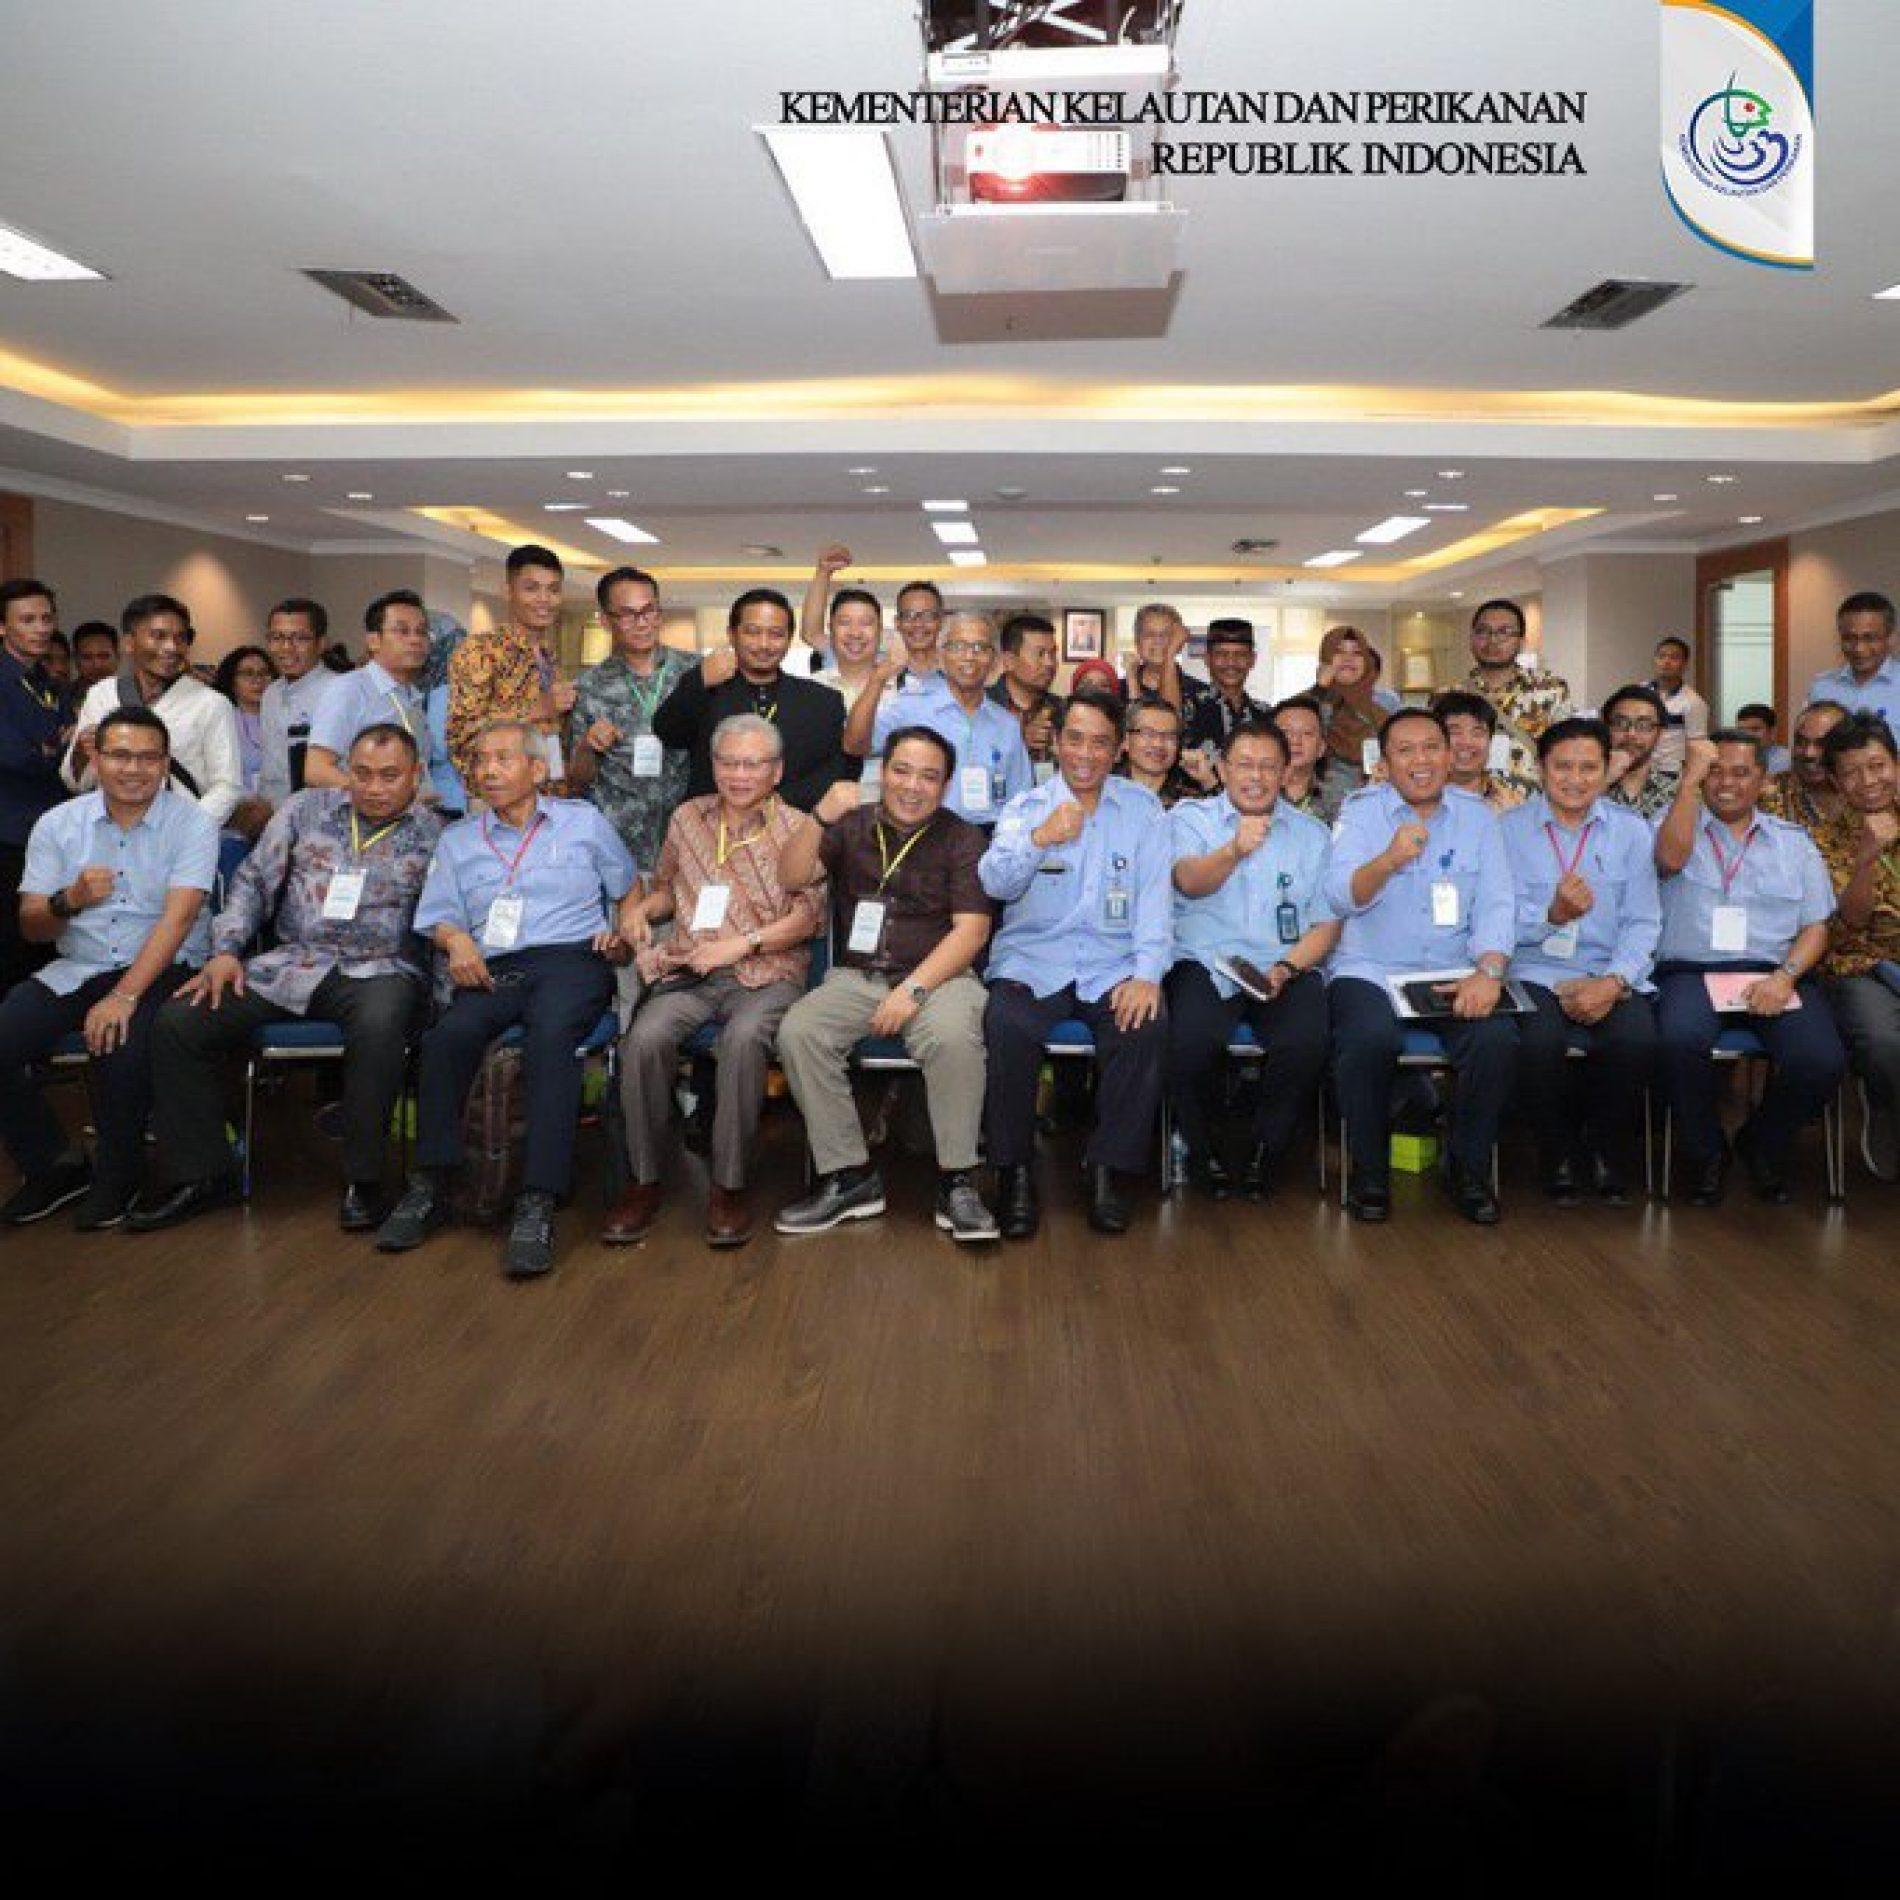 Menghadiri FGD dalam Rangka Revieu Permen KP no 56/2016 Tentang Kepiting